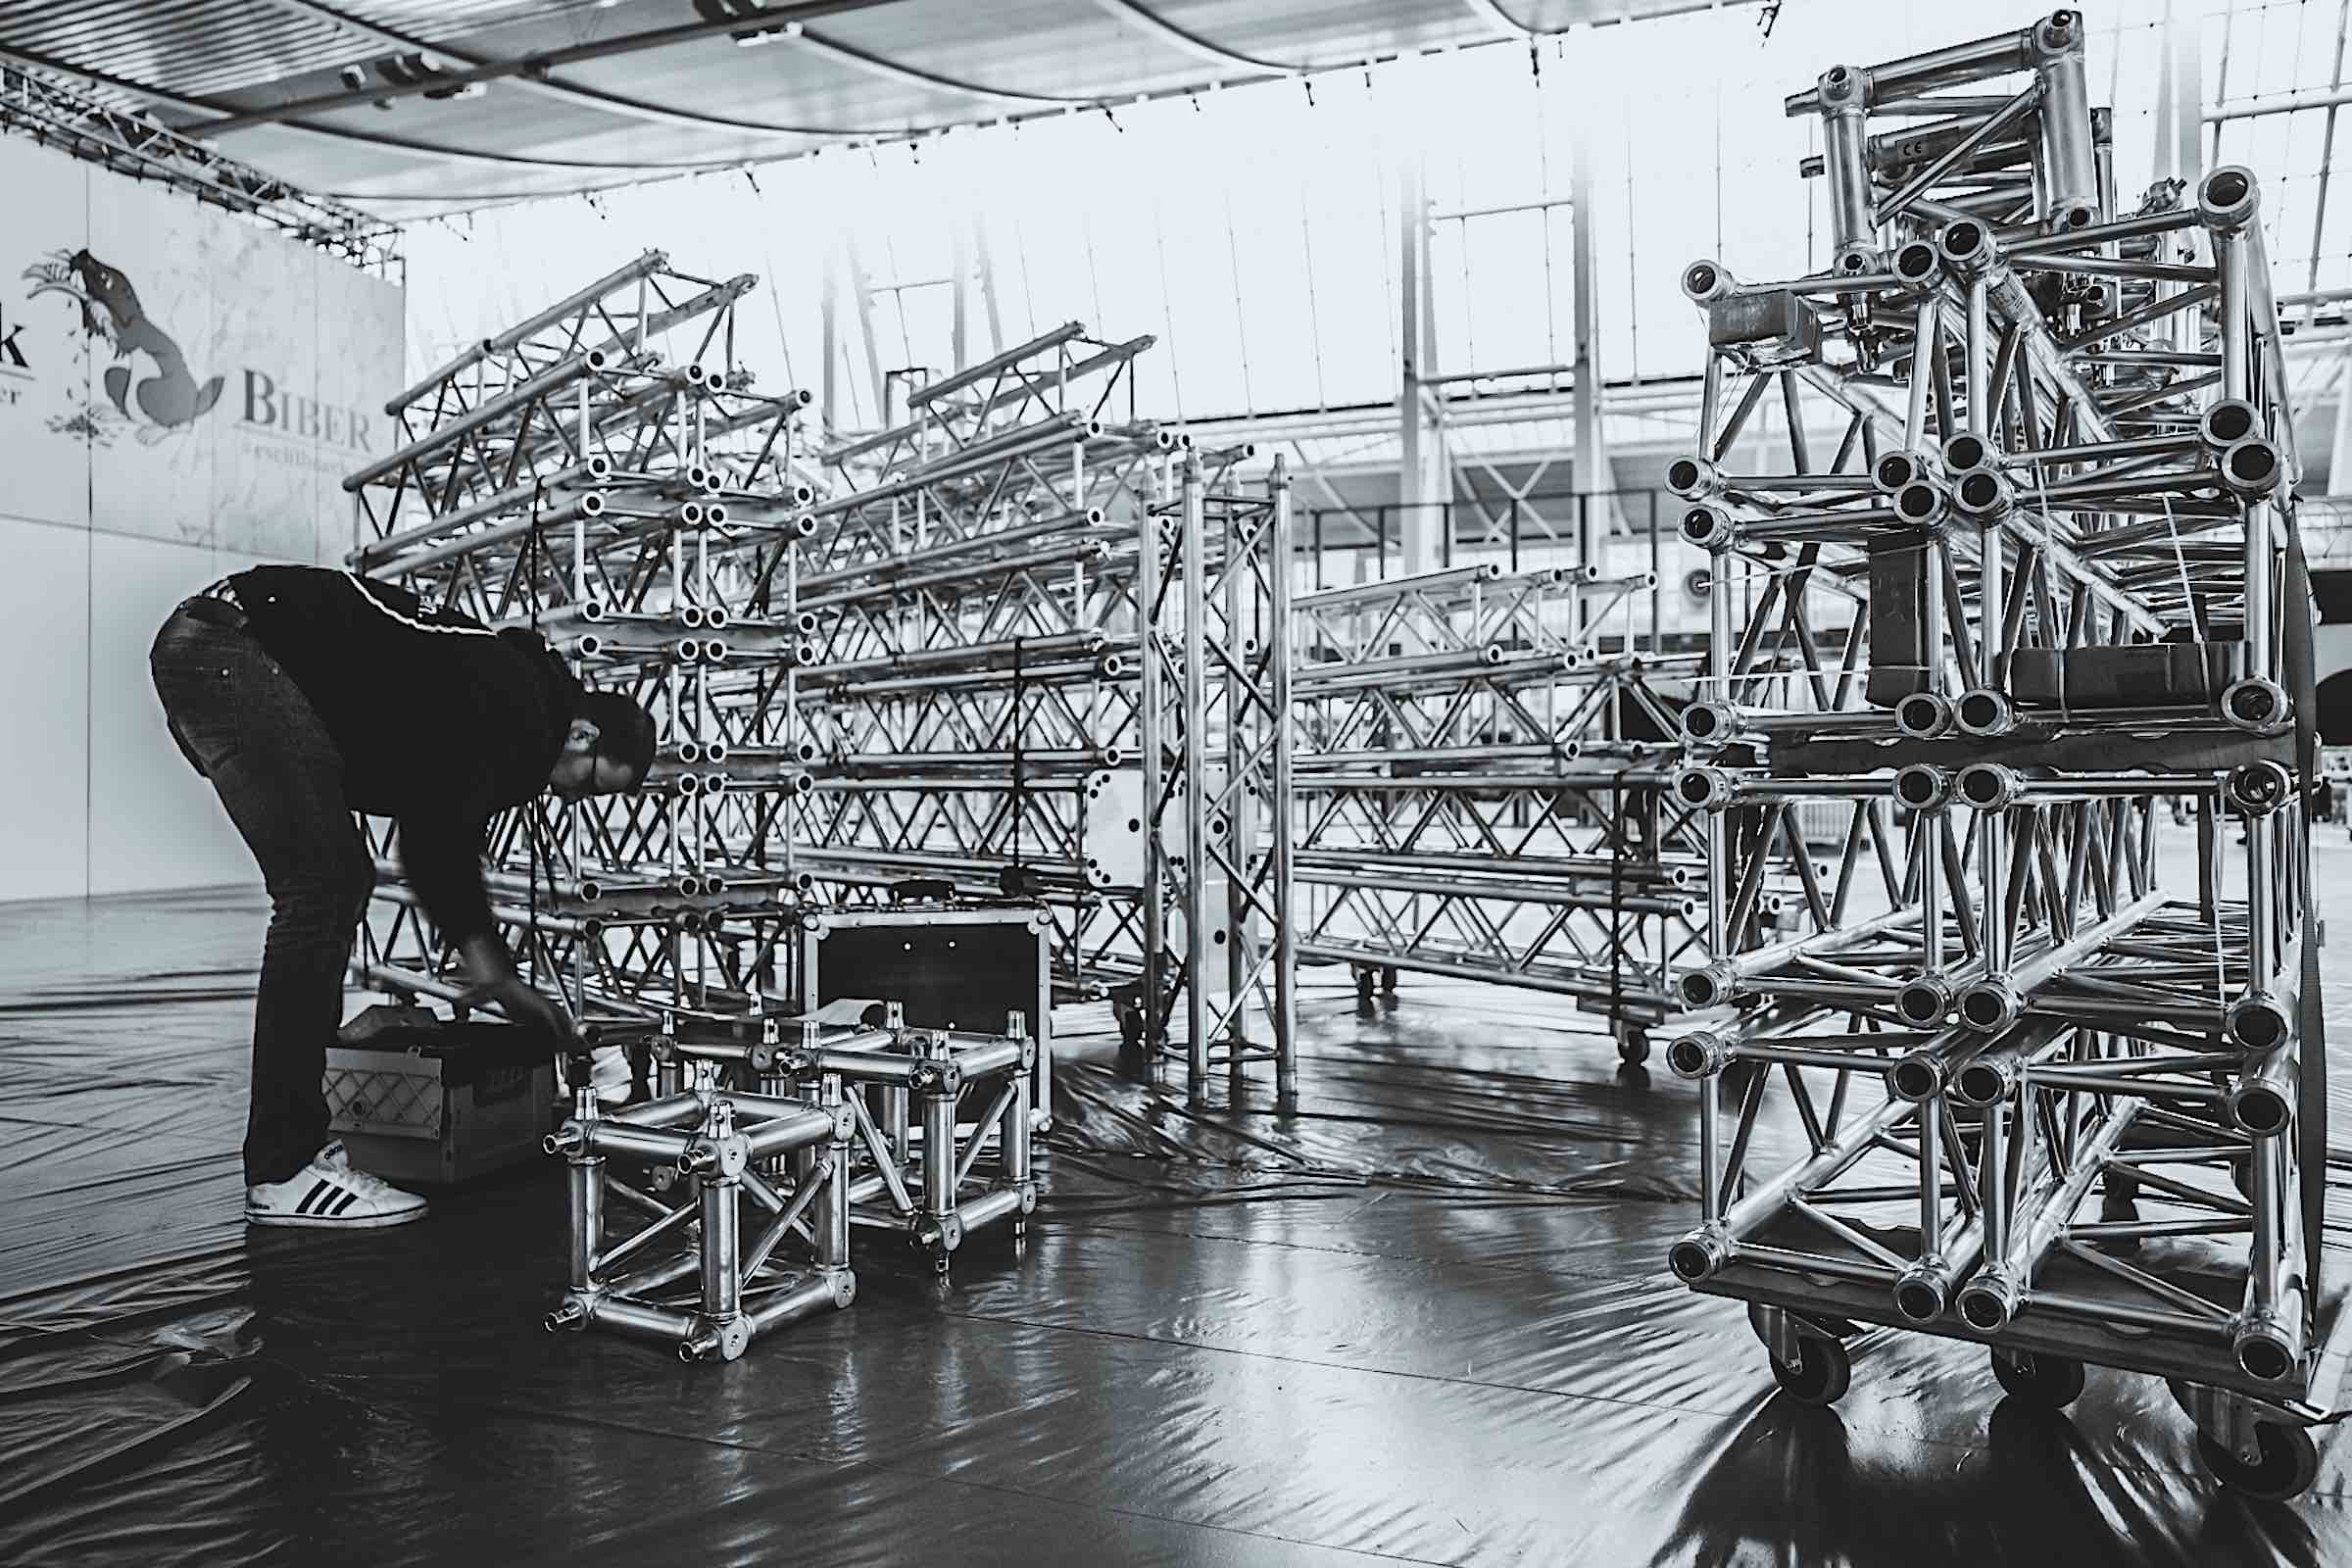 Messebau |Standbau |Messedesign |Traversen |Logistik |Lagerung |Aufbau |Mieten |Buchen |Anfragen |Messetechnik |Eventtechnik |Hannover |Lichttechnik |Lehmann |Eventservice